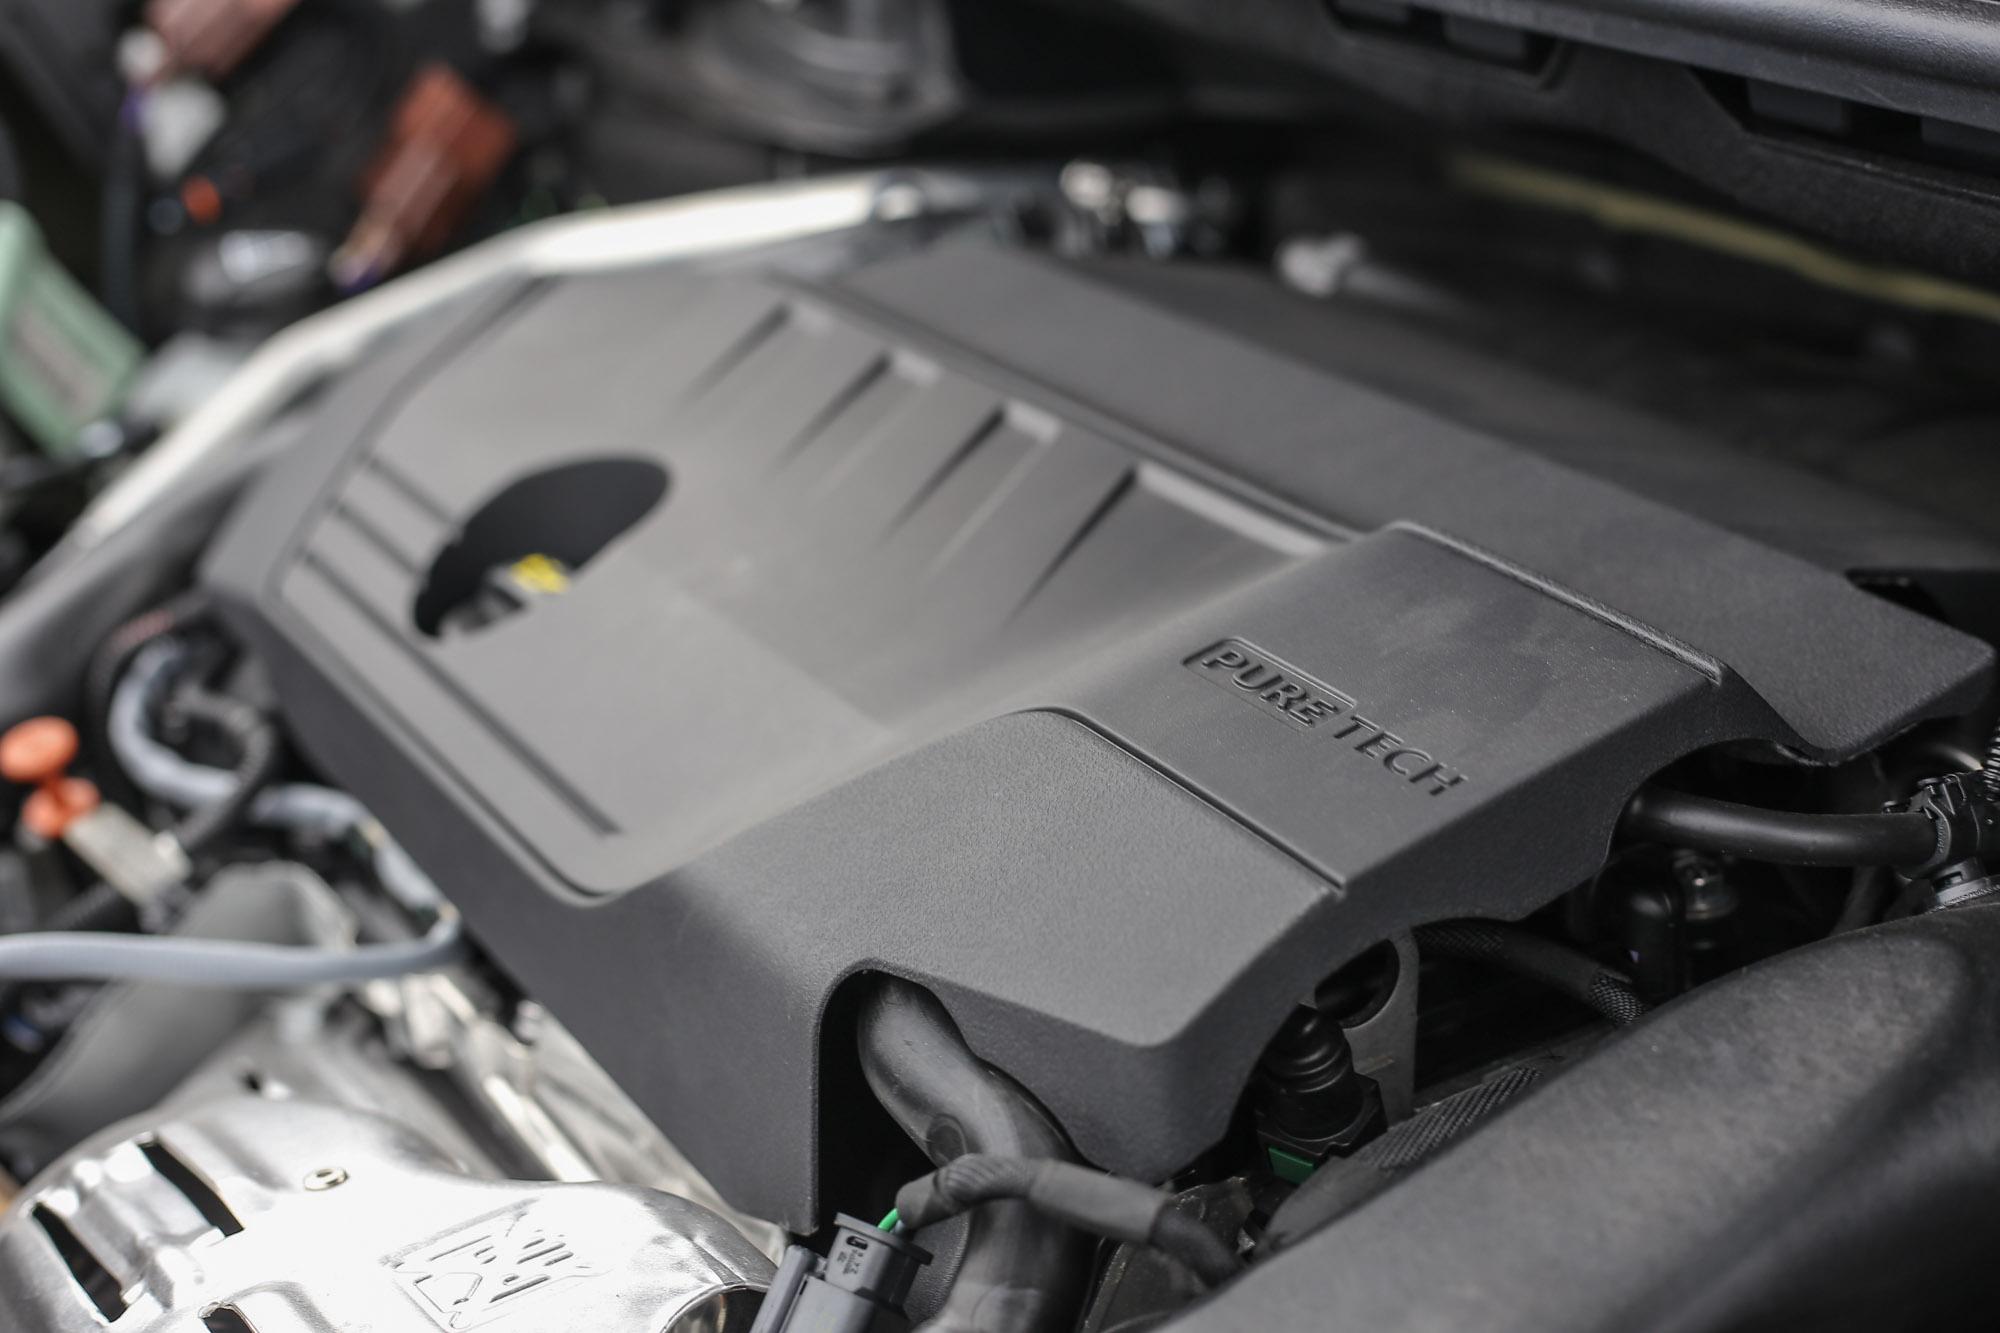 搭載 1.6 升渦輪增壓汽油引擎,具備 180bhp/5500rpm 最大馬力與 250Nm/1650rpm 最大扭力輸出。